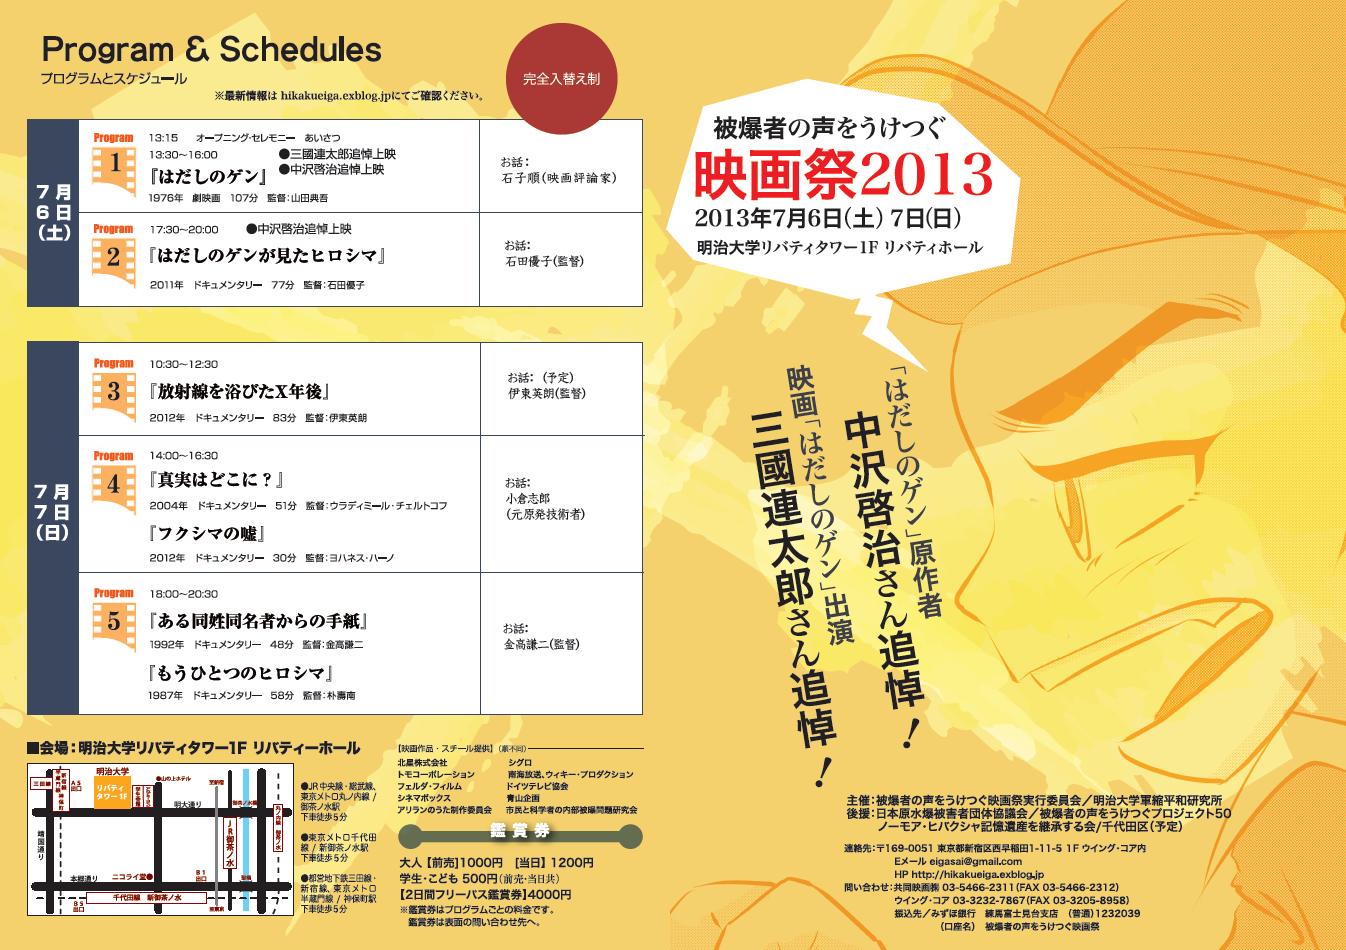 被爆者の声を受け継ぐ映画祭 2013_c0024539_20571864.png